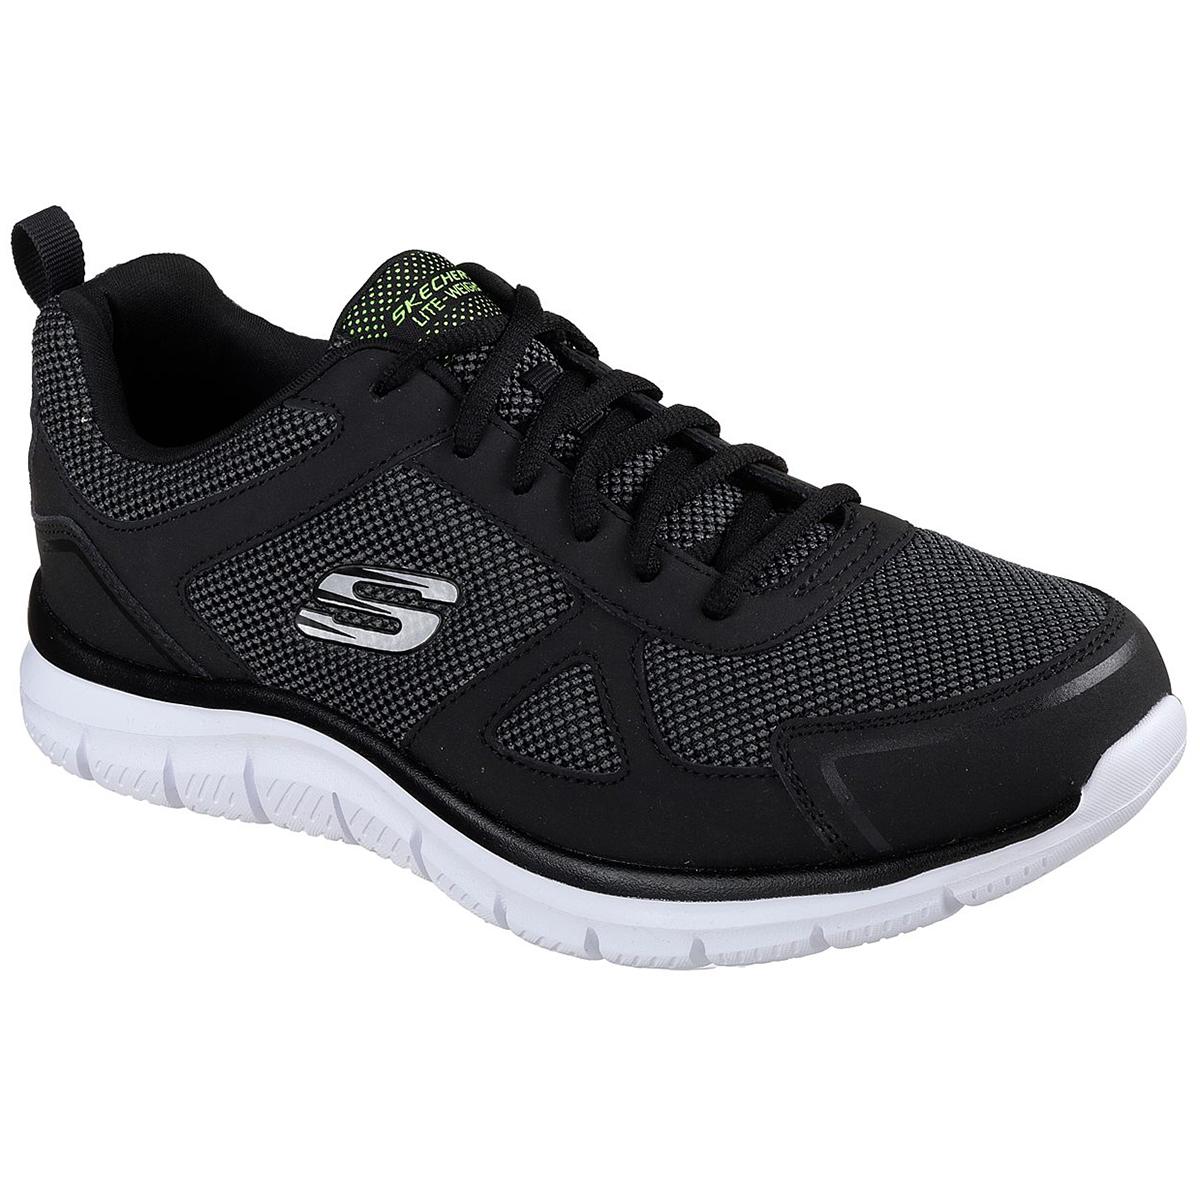 Skechers Men's Track Bucolo Shoe, Wide - Black, 9.5